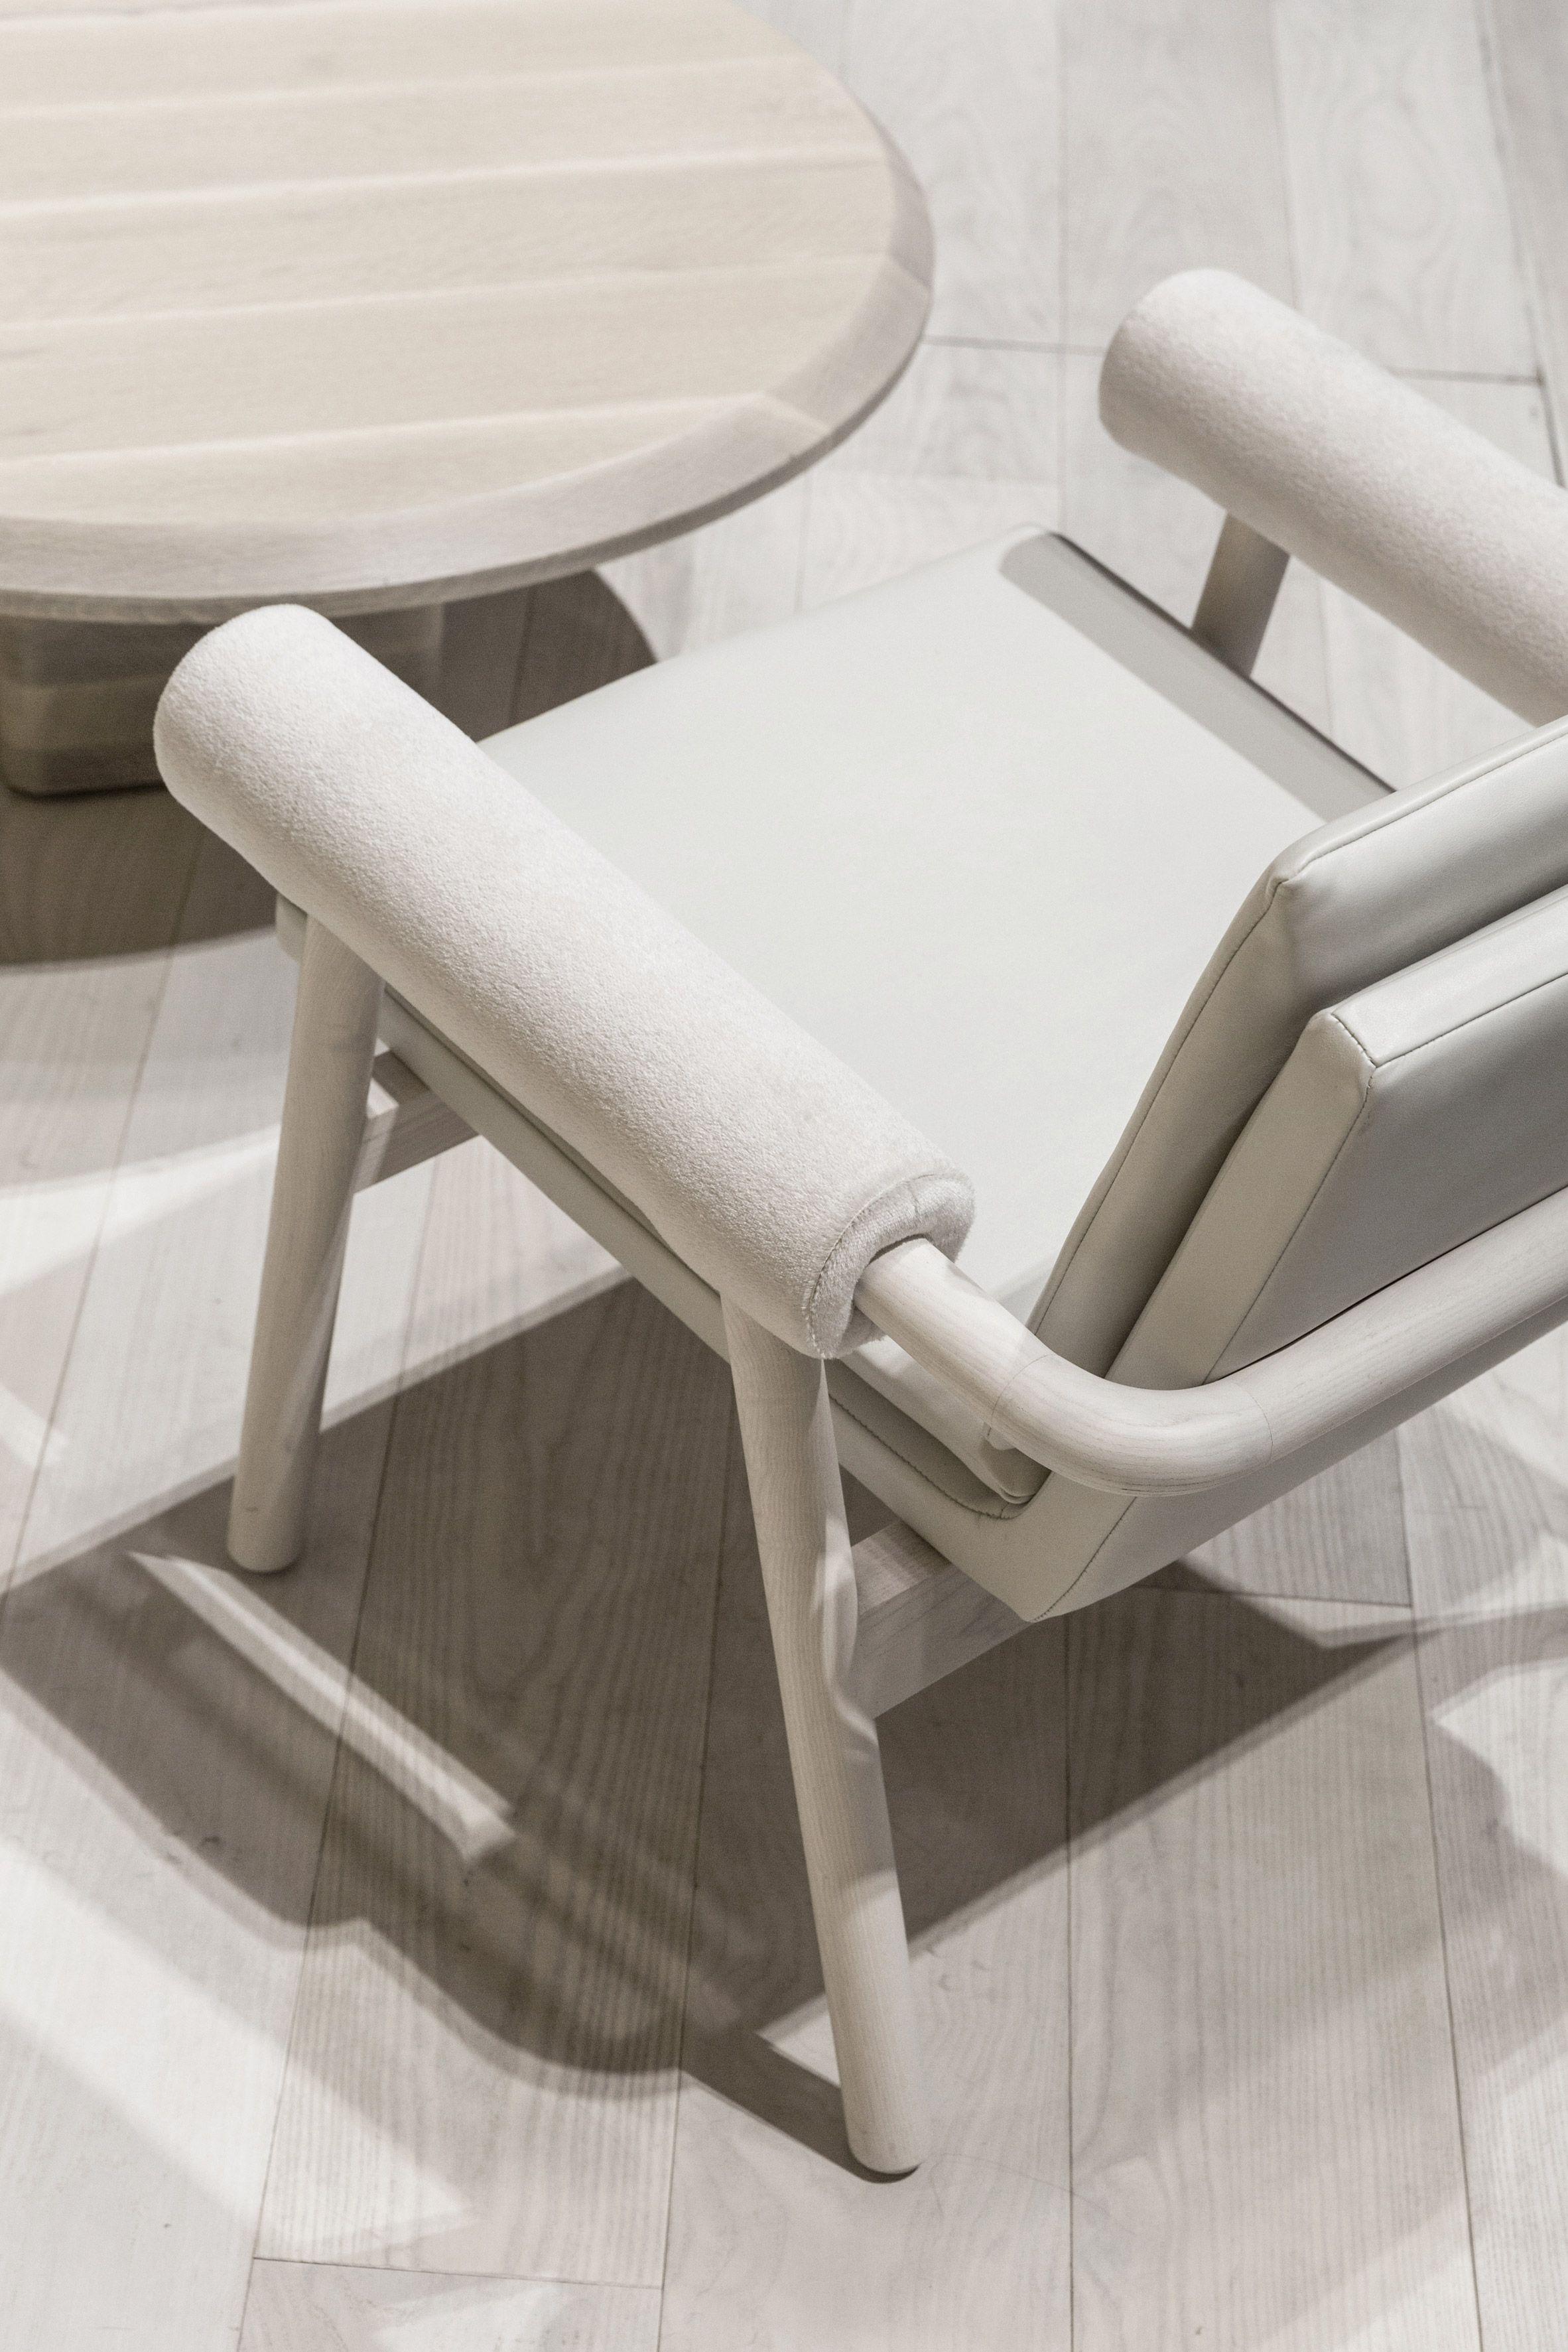 Editions By Studio Paolo Ferrari Furniture Collection Outdoor Furniture Collections Furniture